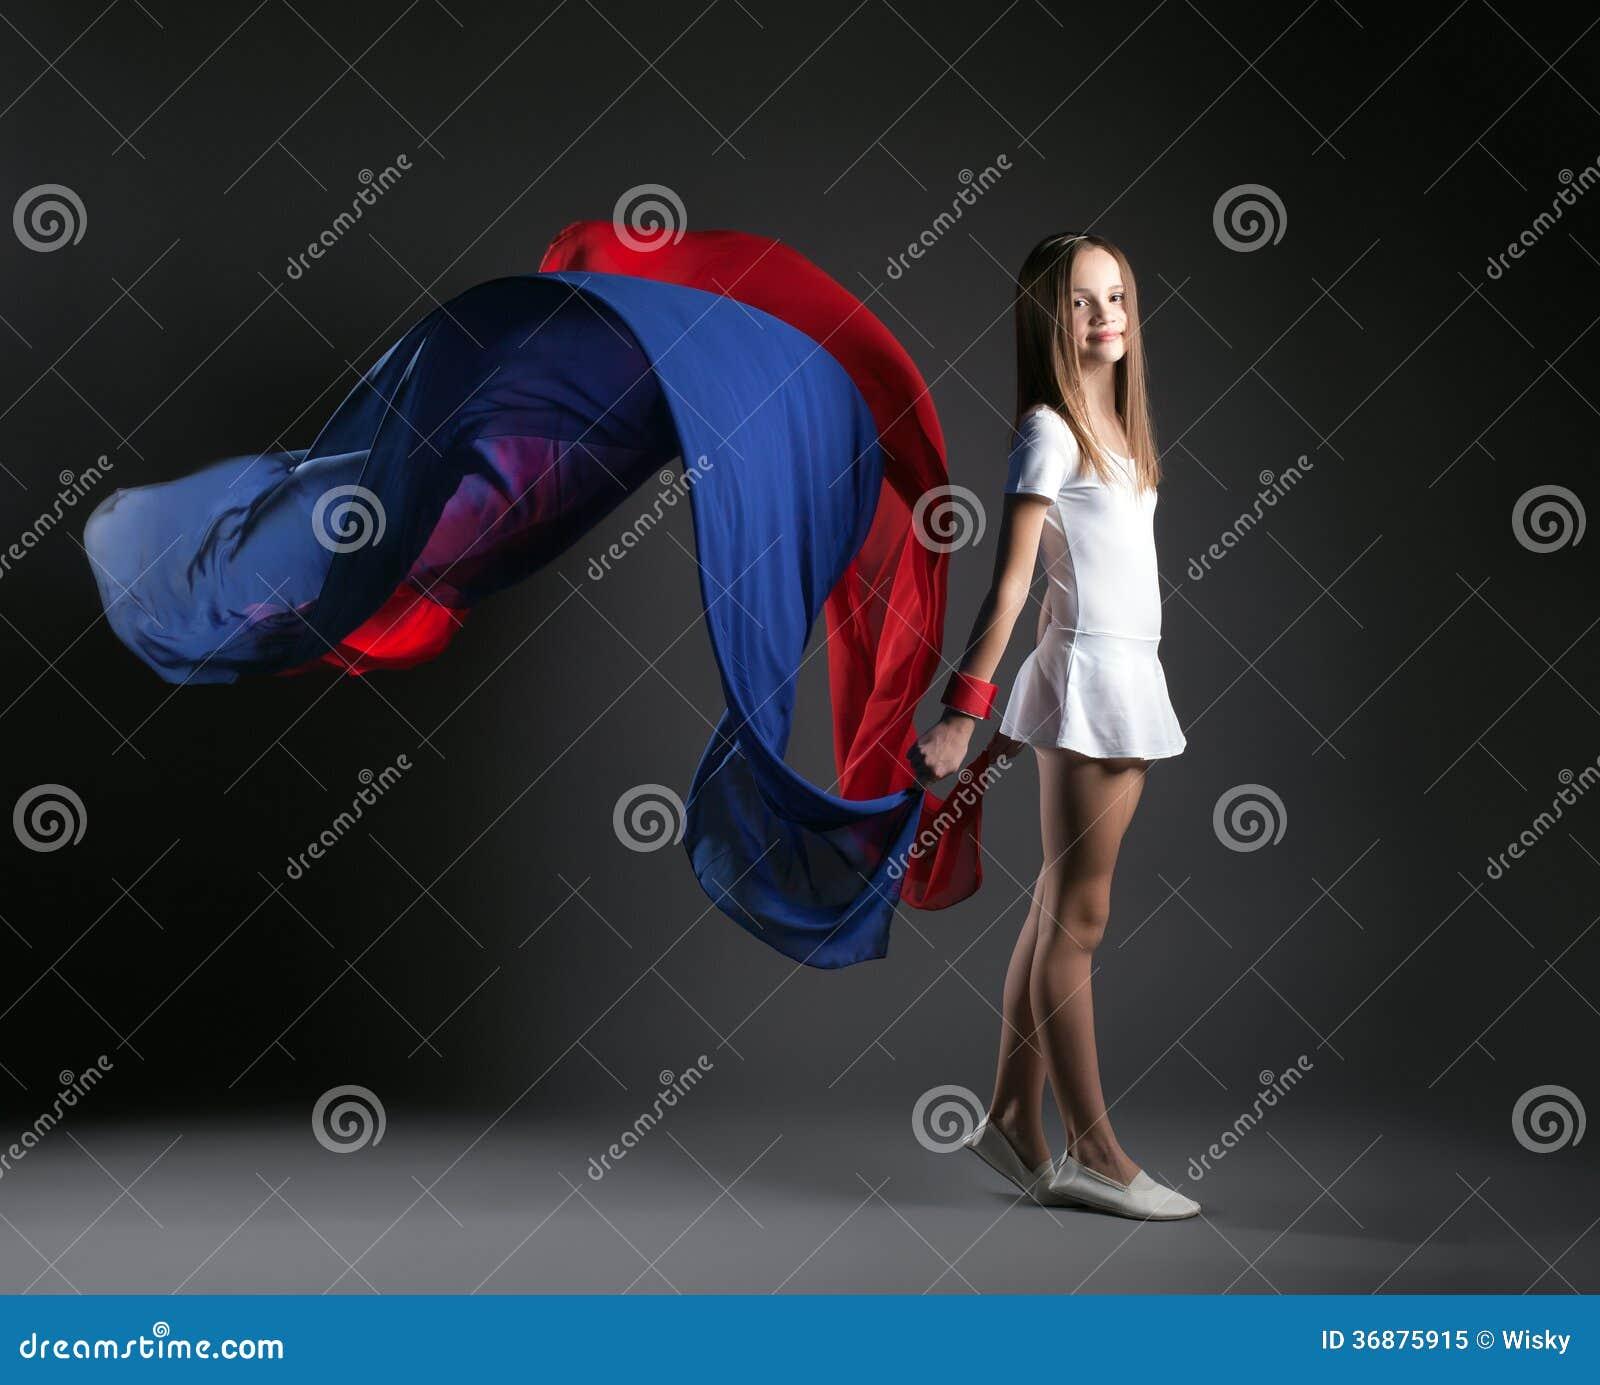 Download Immagine Della Ragazza Sorridente Che Posa Con Il Panno Variopinto Immagine Stock - Immagine di flessibile, proposta: 36875915